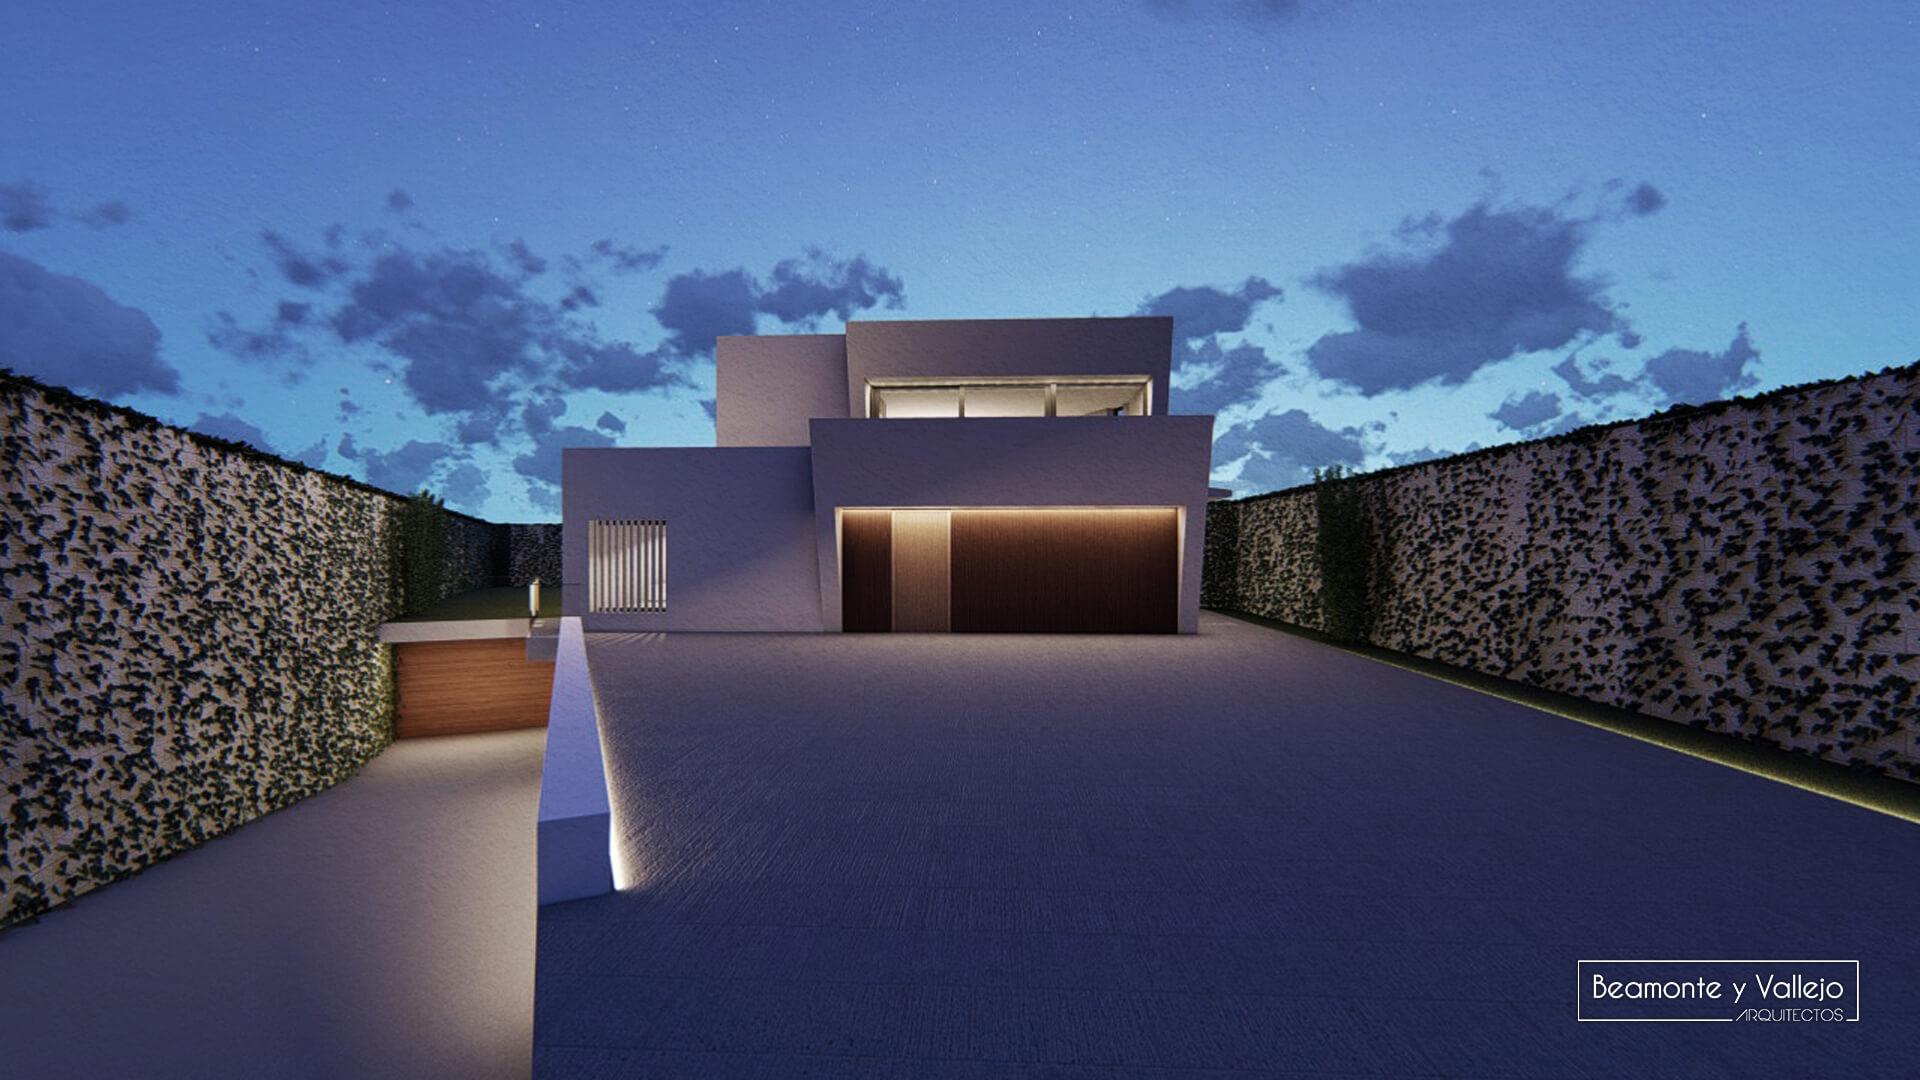 Beamonte y Vallejo arquitectos - Passivhaus Las Lomas 1 - 14